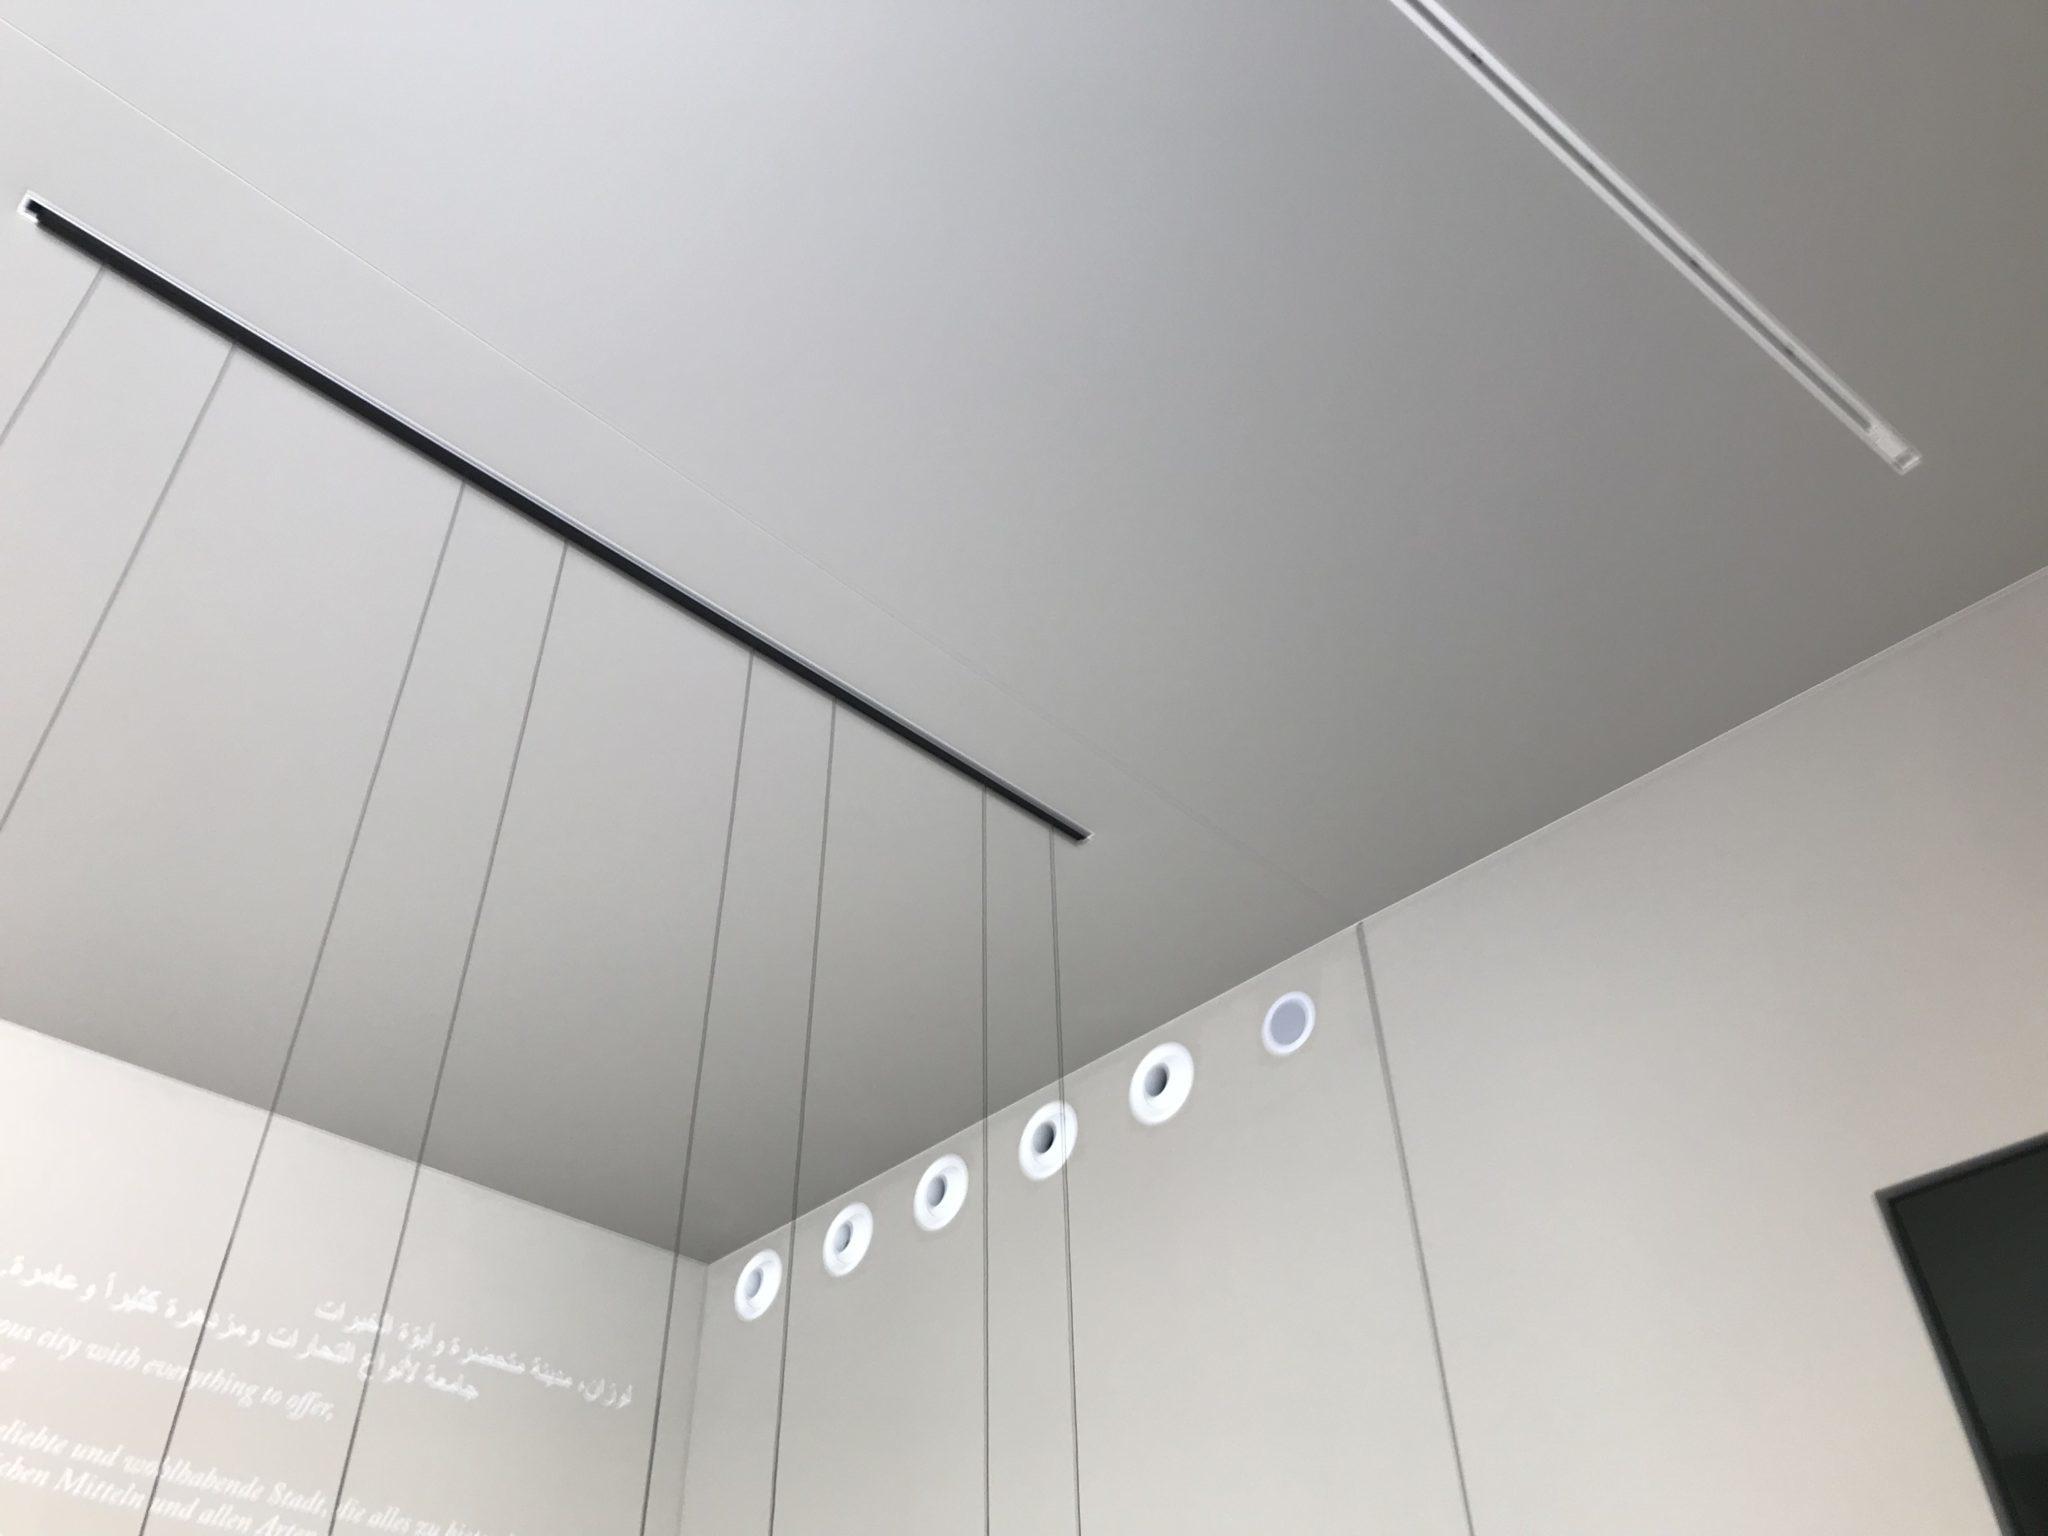 Toile À Enduire Plafond abrium | plafond toile tendu